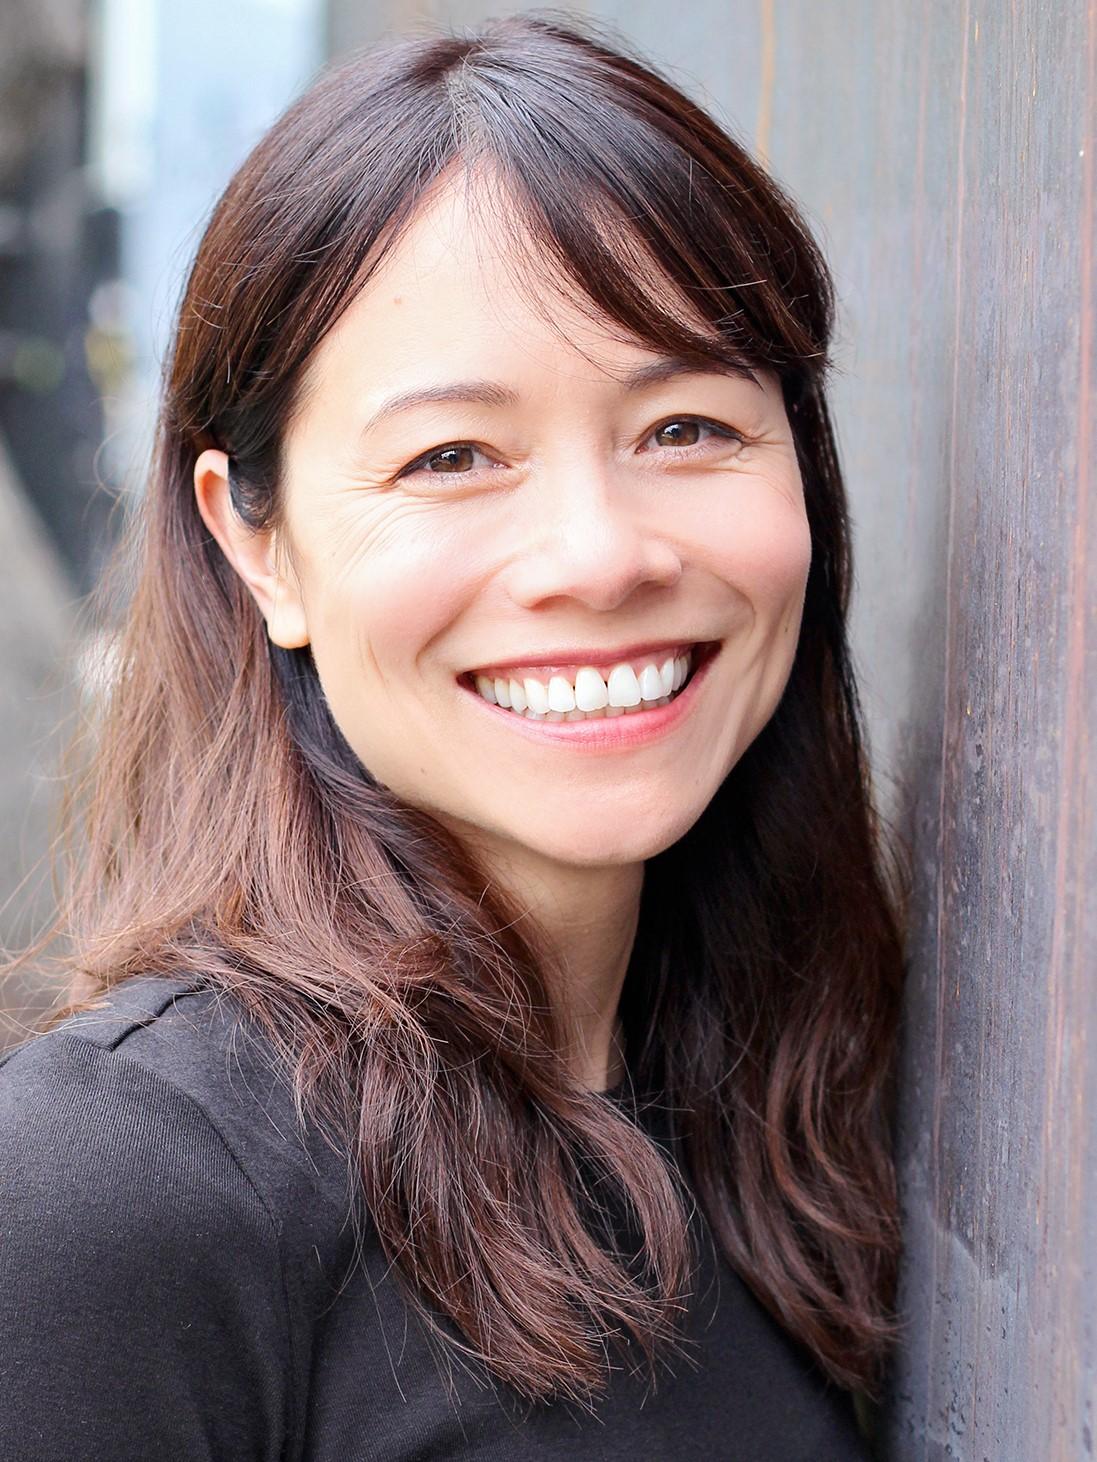 Christina Soontornvat